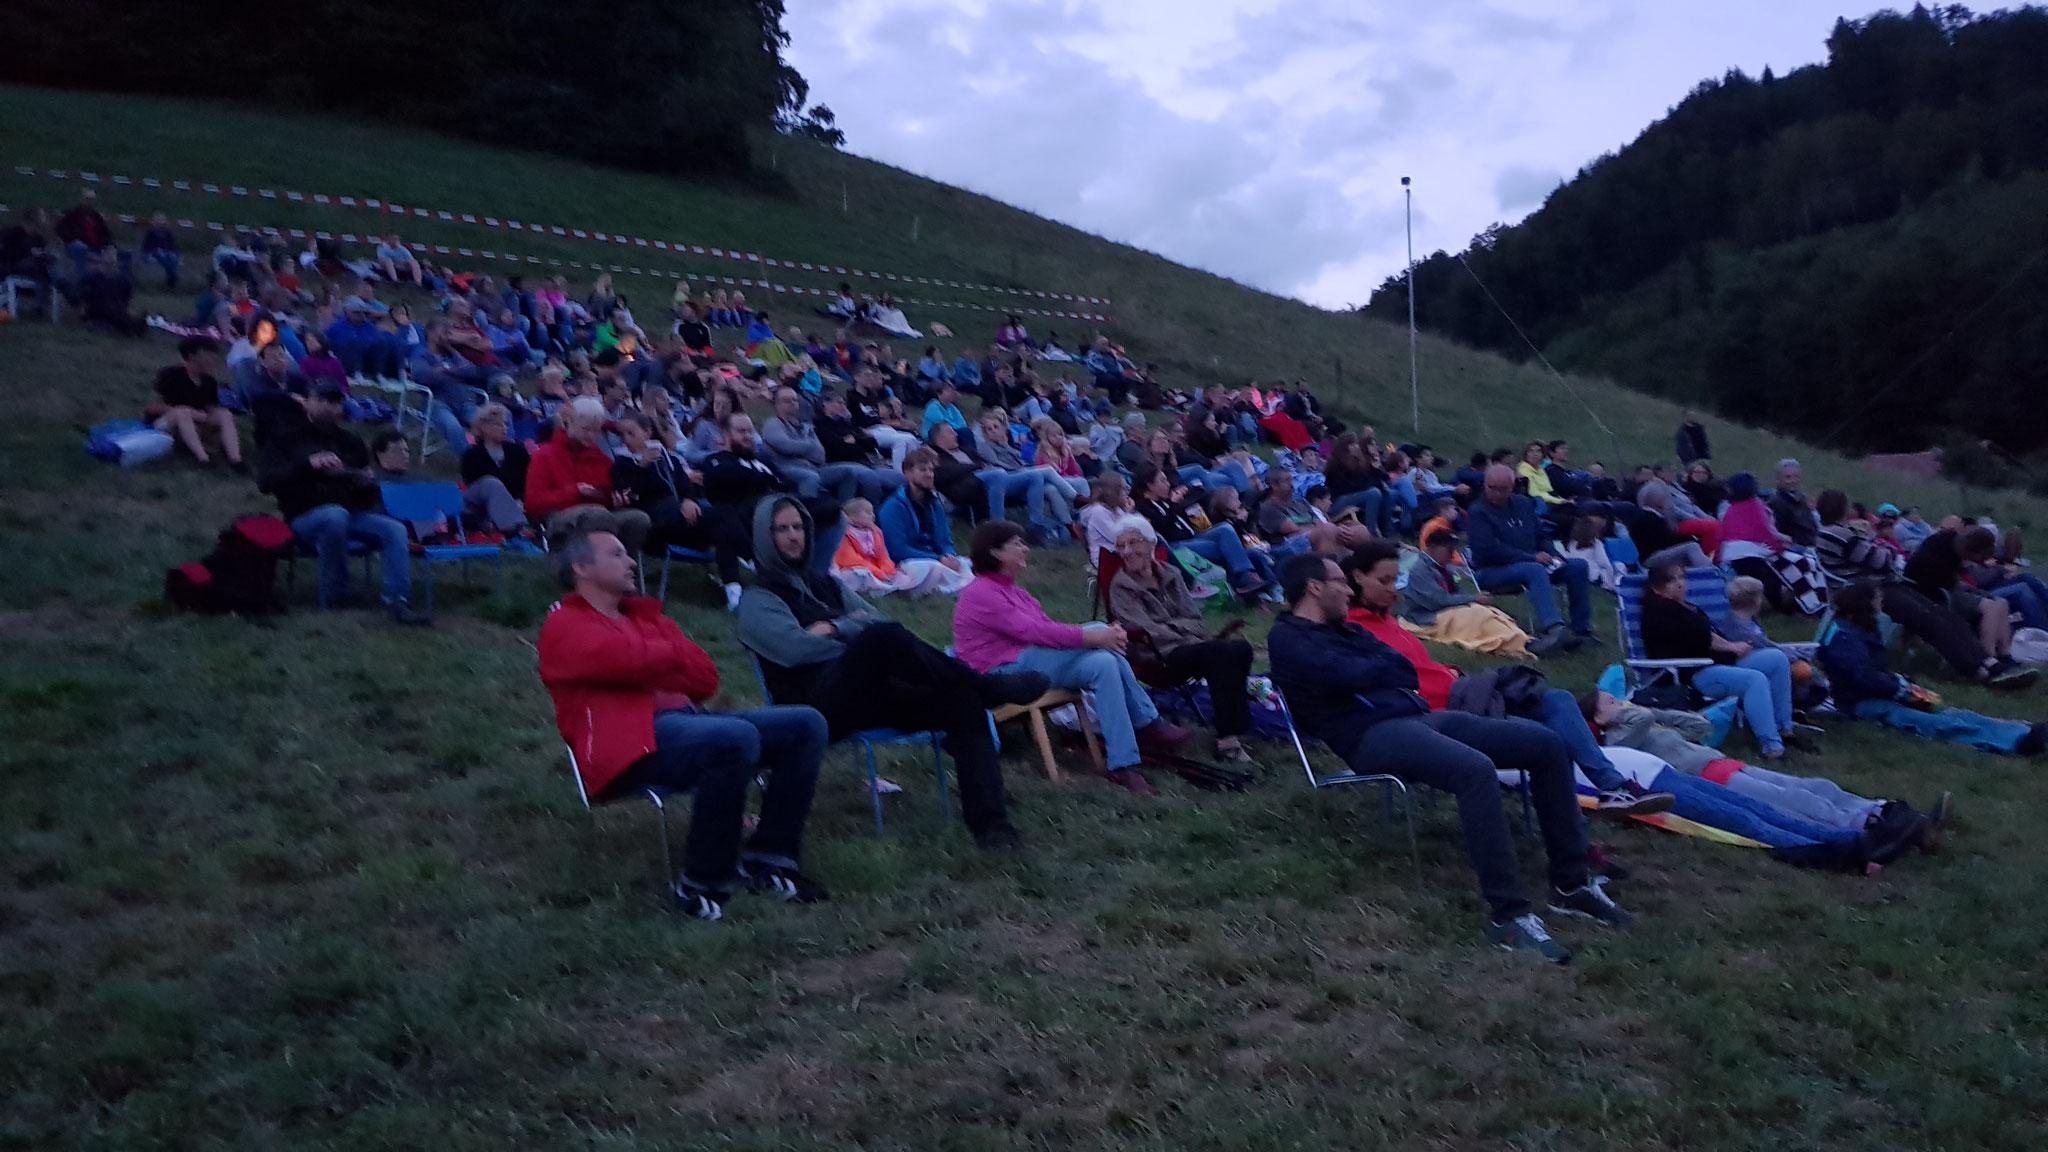 Gespannt warten die Zuschauer auf den Filmbeginn